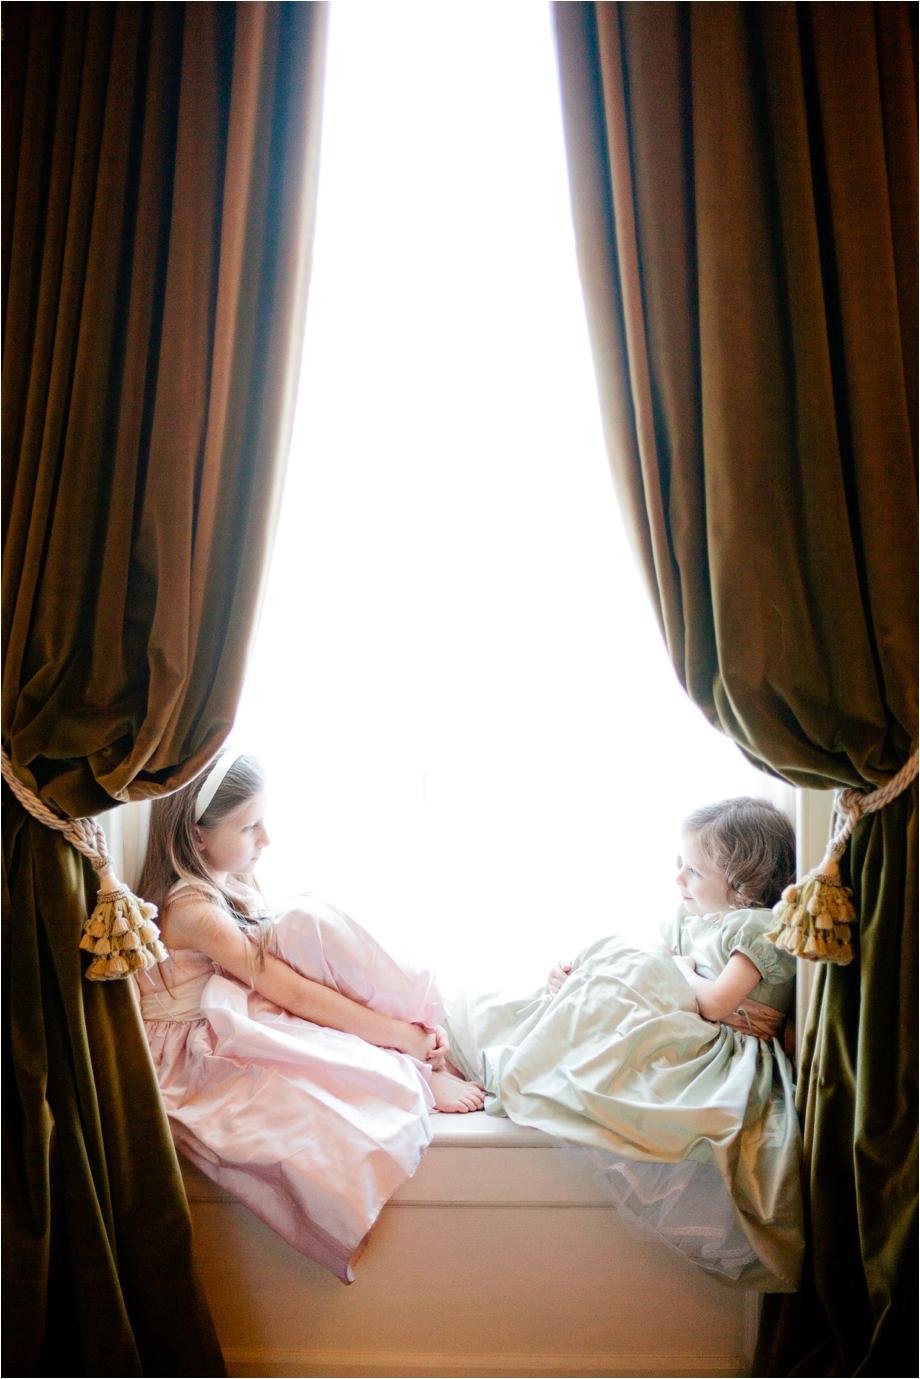 051_eddie-judd-photography-miss-bush-bridal-debutantes_0672_FB